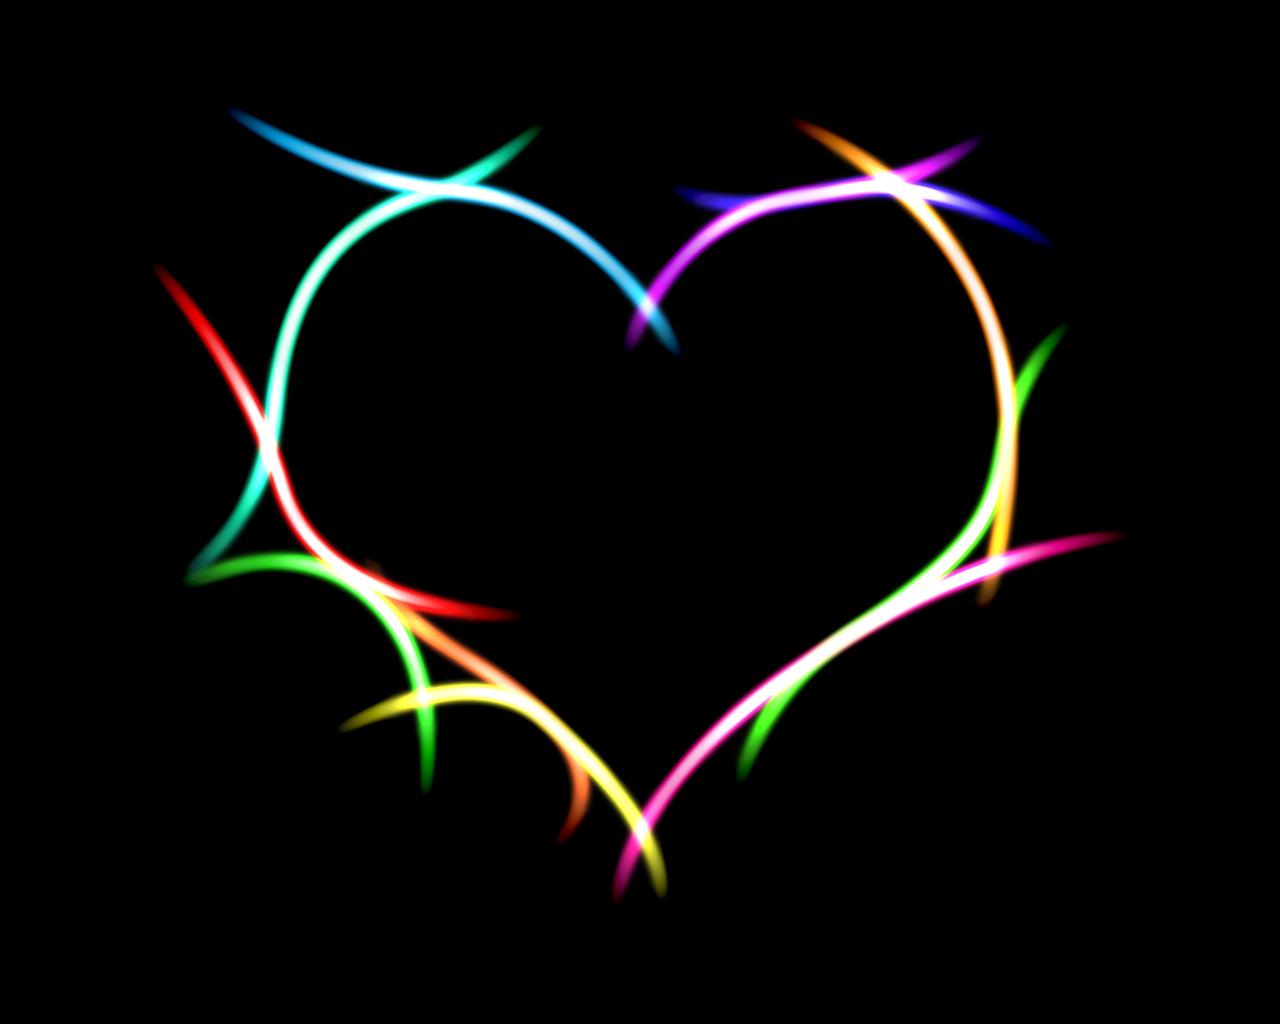 free heart wallpaper